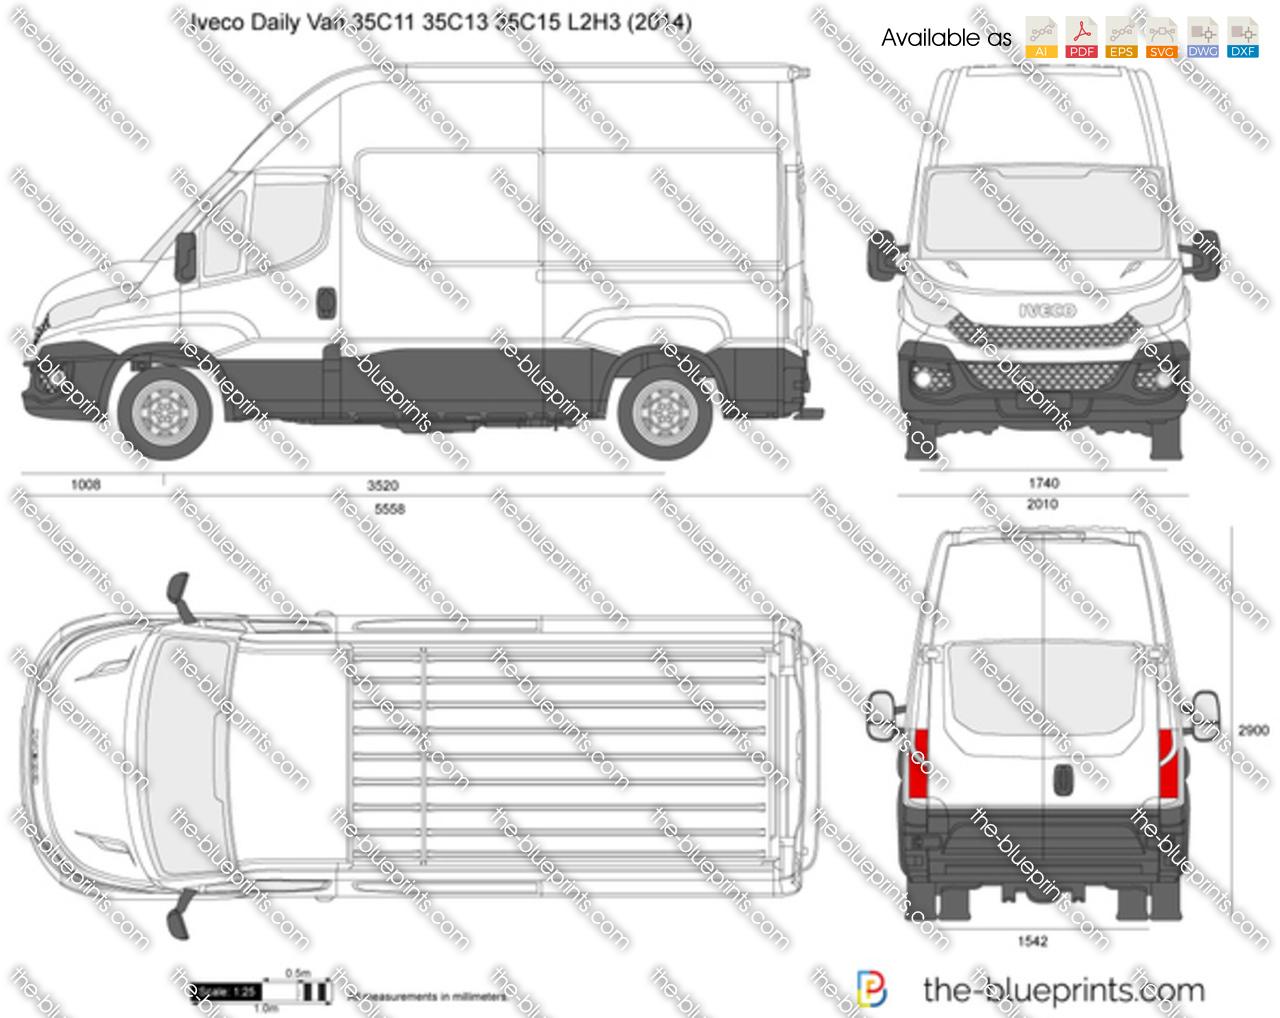 Iveco Daily Van 35C11 35C13 35C15 L2H3 2016